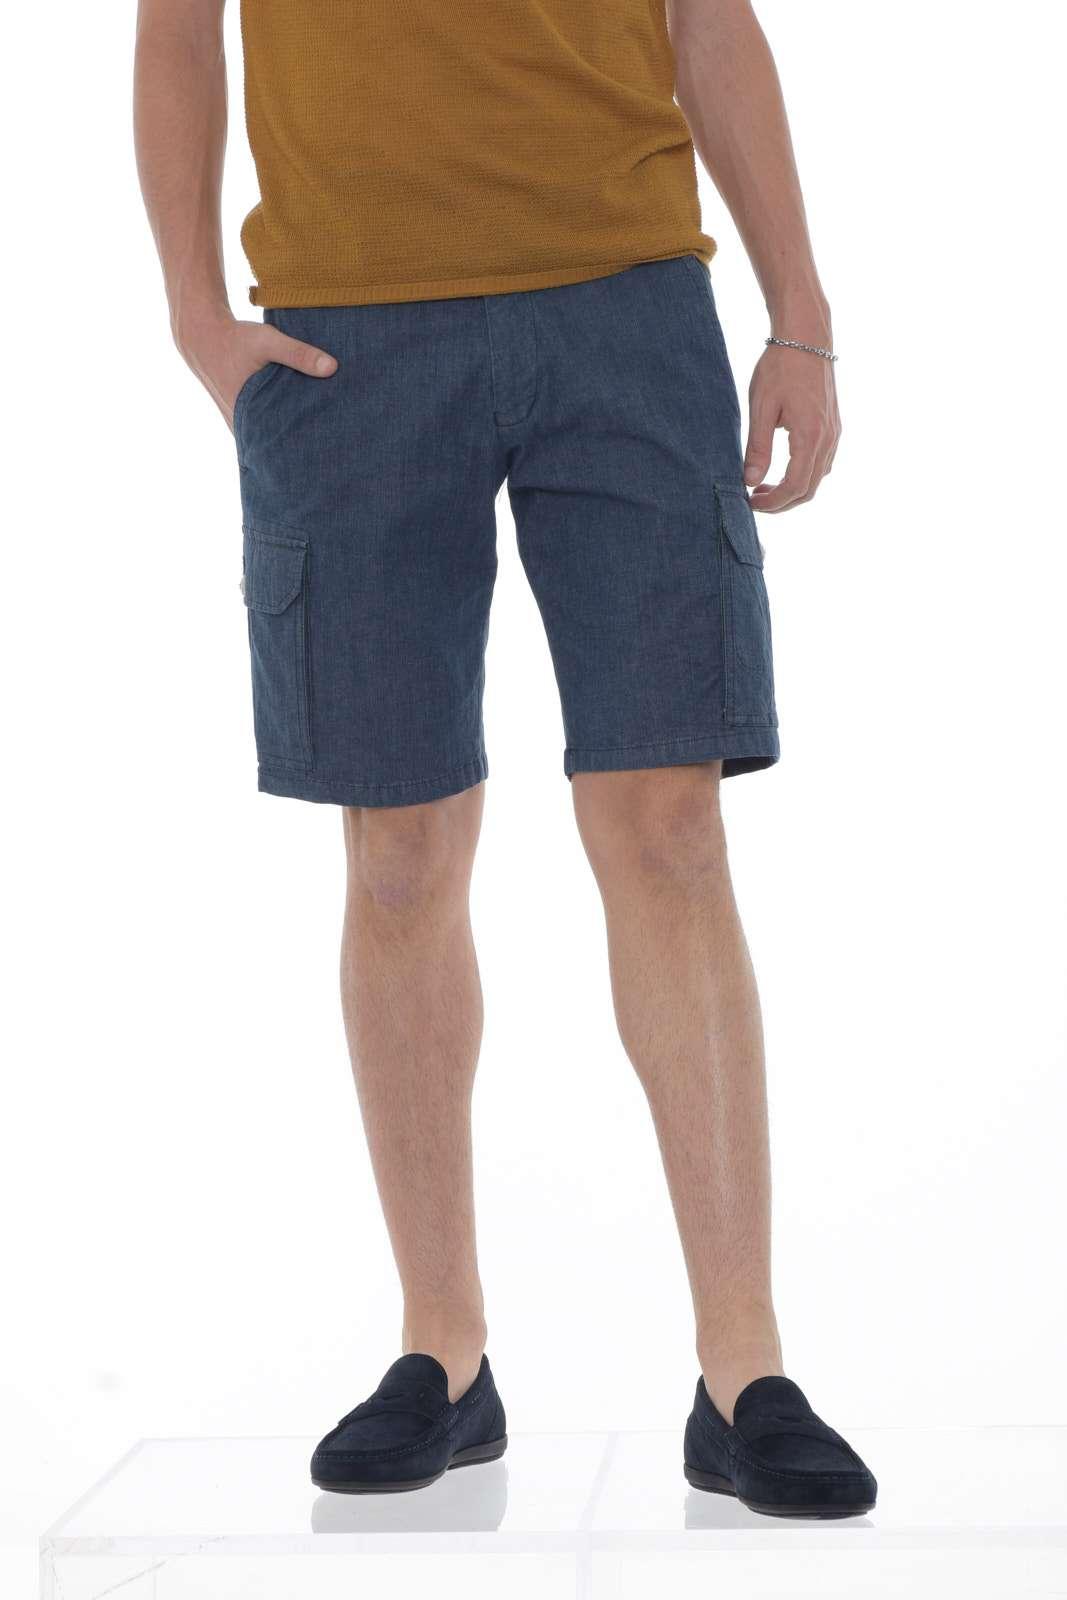 Un capo must have il bermuda di jeans firmato Michael Coal, immancabile nel guardaroba di ogni uomo e un evergreen ideale per le calde giornate estive grazie al tessuto in cotone. Potrai creare outfit semplici ma allo stesso tempo fashion e alla moda. Il modello è alto 1.85 e porta la taglia L